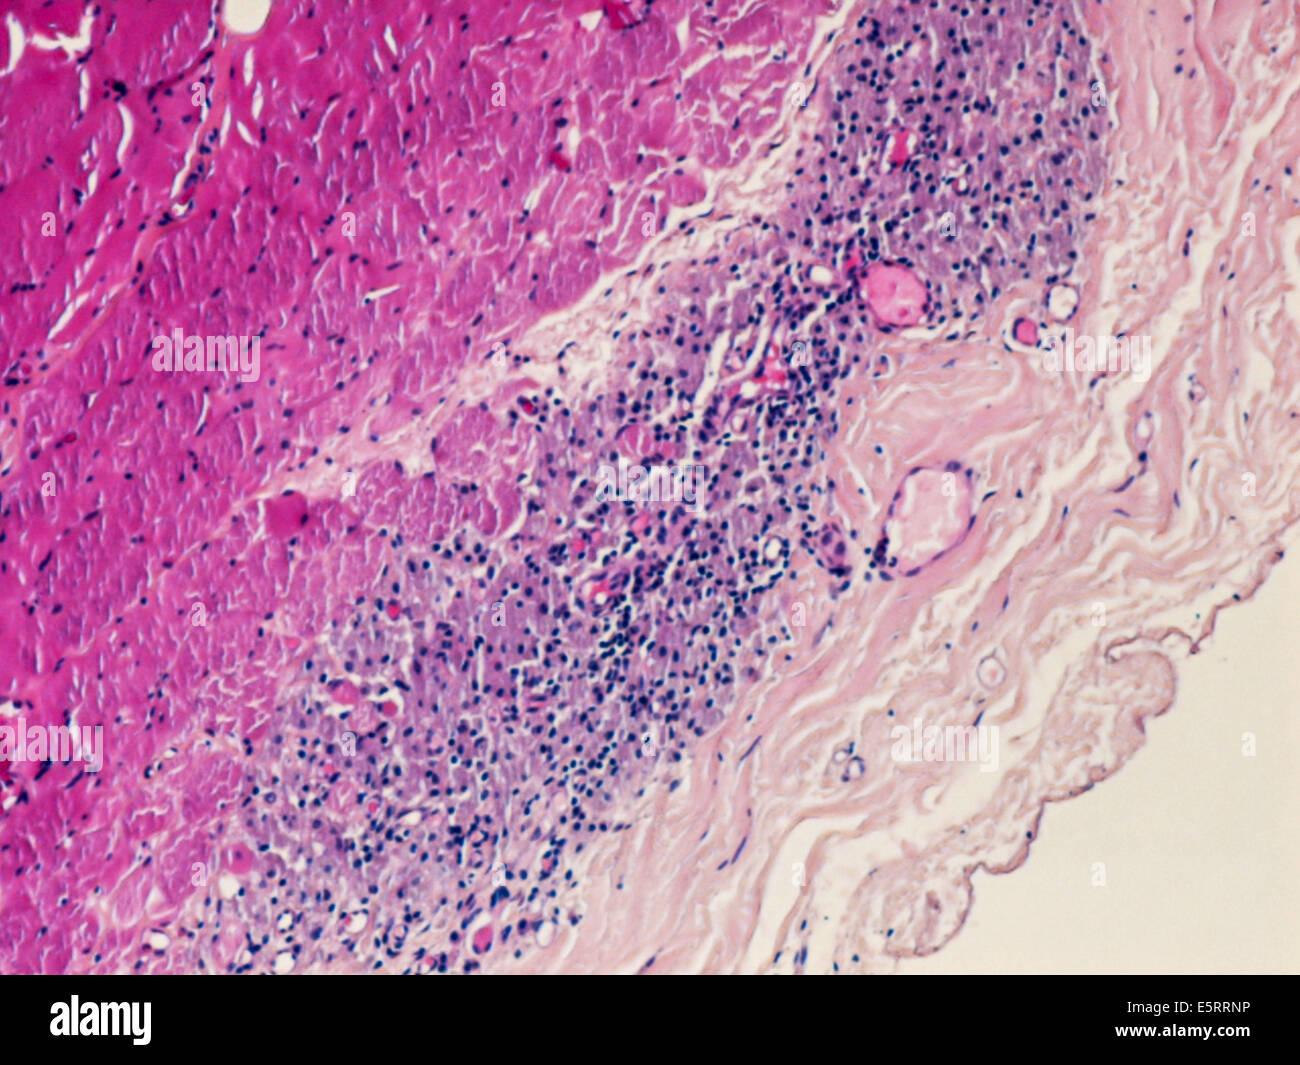 Microphotographie lumière d'une section à travers les tissus à partir d'une biopsie de muscle deltoïde montrant une myofasciite à macrophages après vaccination. Banque D'Images